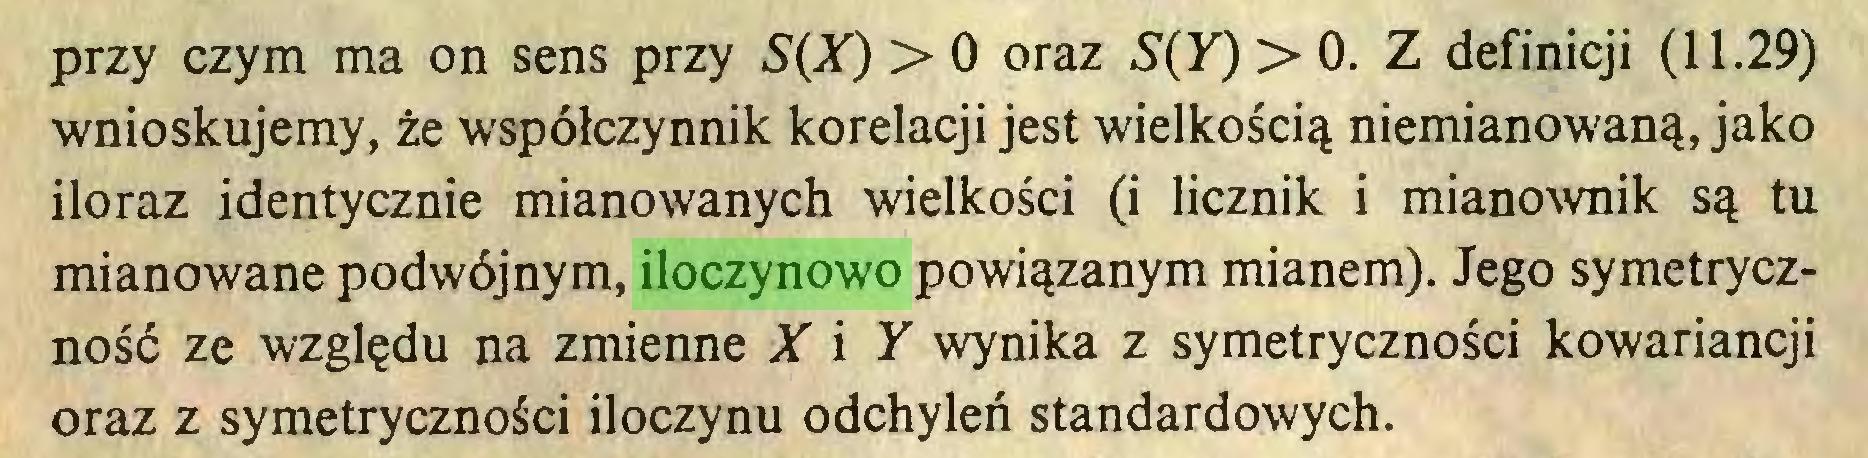 (...) przy czym ma on sens przy > 0 oraz S^y) > 0. Z definicji (11.29) wnioskujemy, że współczynnik korelacji jest wielkością niemianowaną, jako iloraz identycznie mianowanych wielkości (i licznik i mianownik są tu mianowane podwójnym, iloczynowo powiązanym mianem). Jego symetryczność ze względu na zmienne X i Y wynika z symetryczności kowariancji oraz z symetryczności iloczynu odchyleń standardowych...